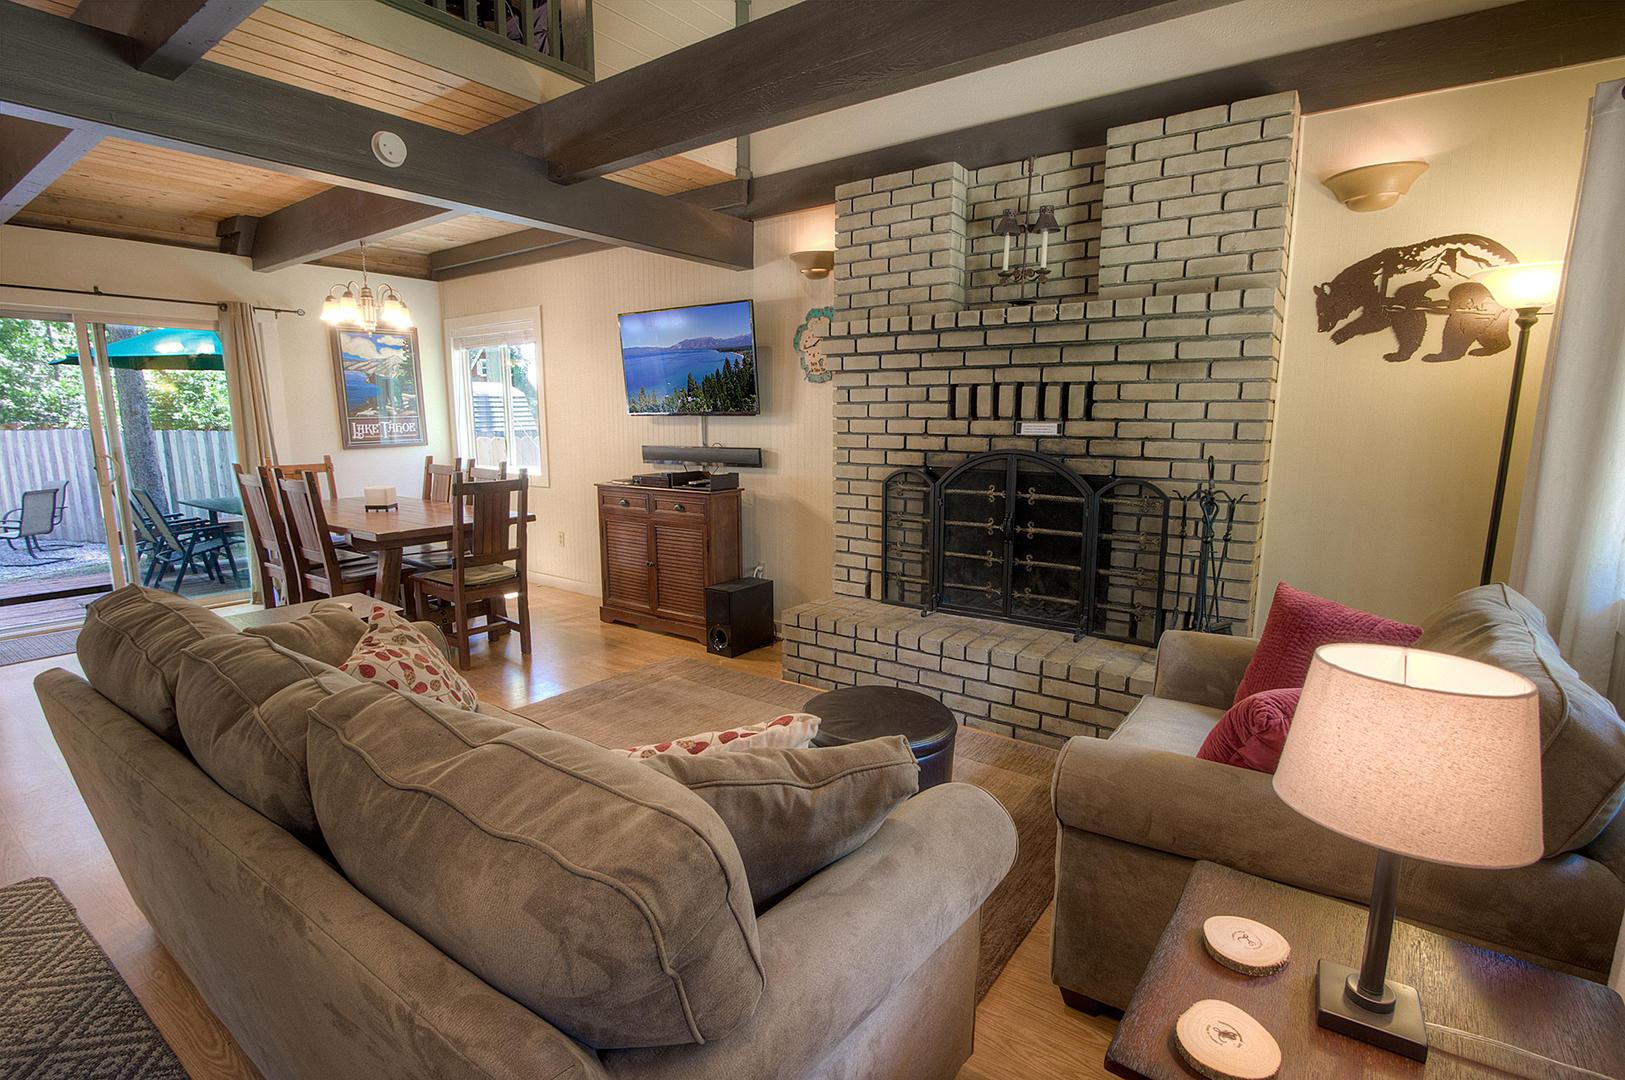 cyh0776 living room